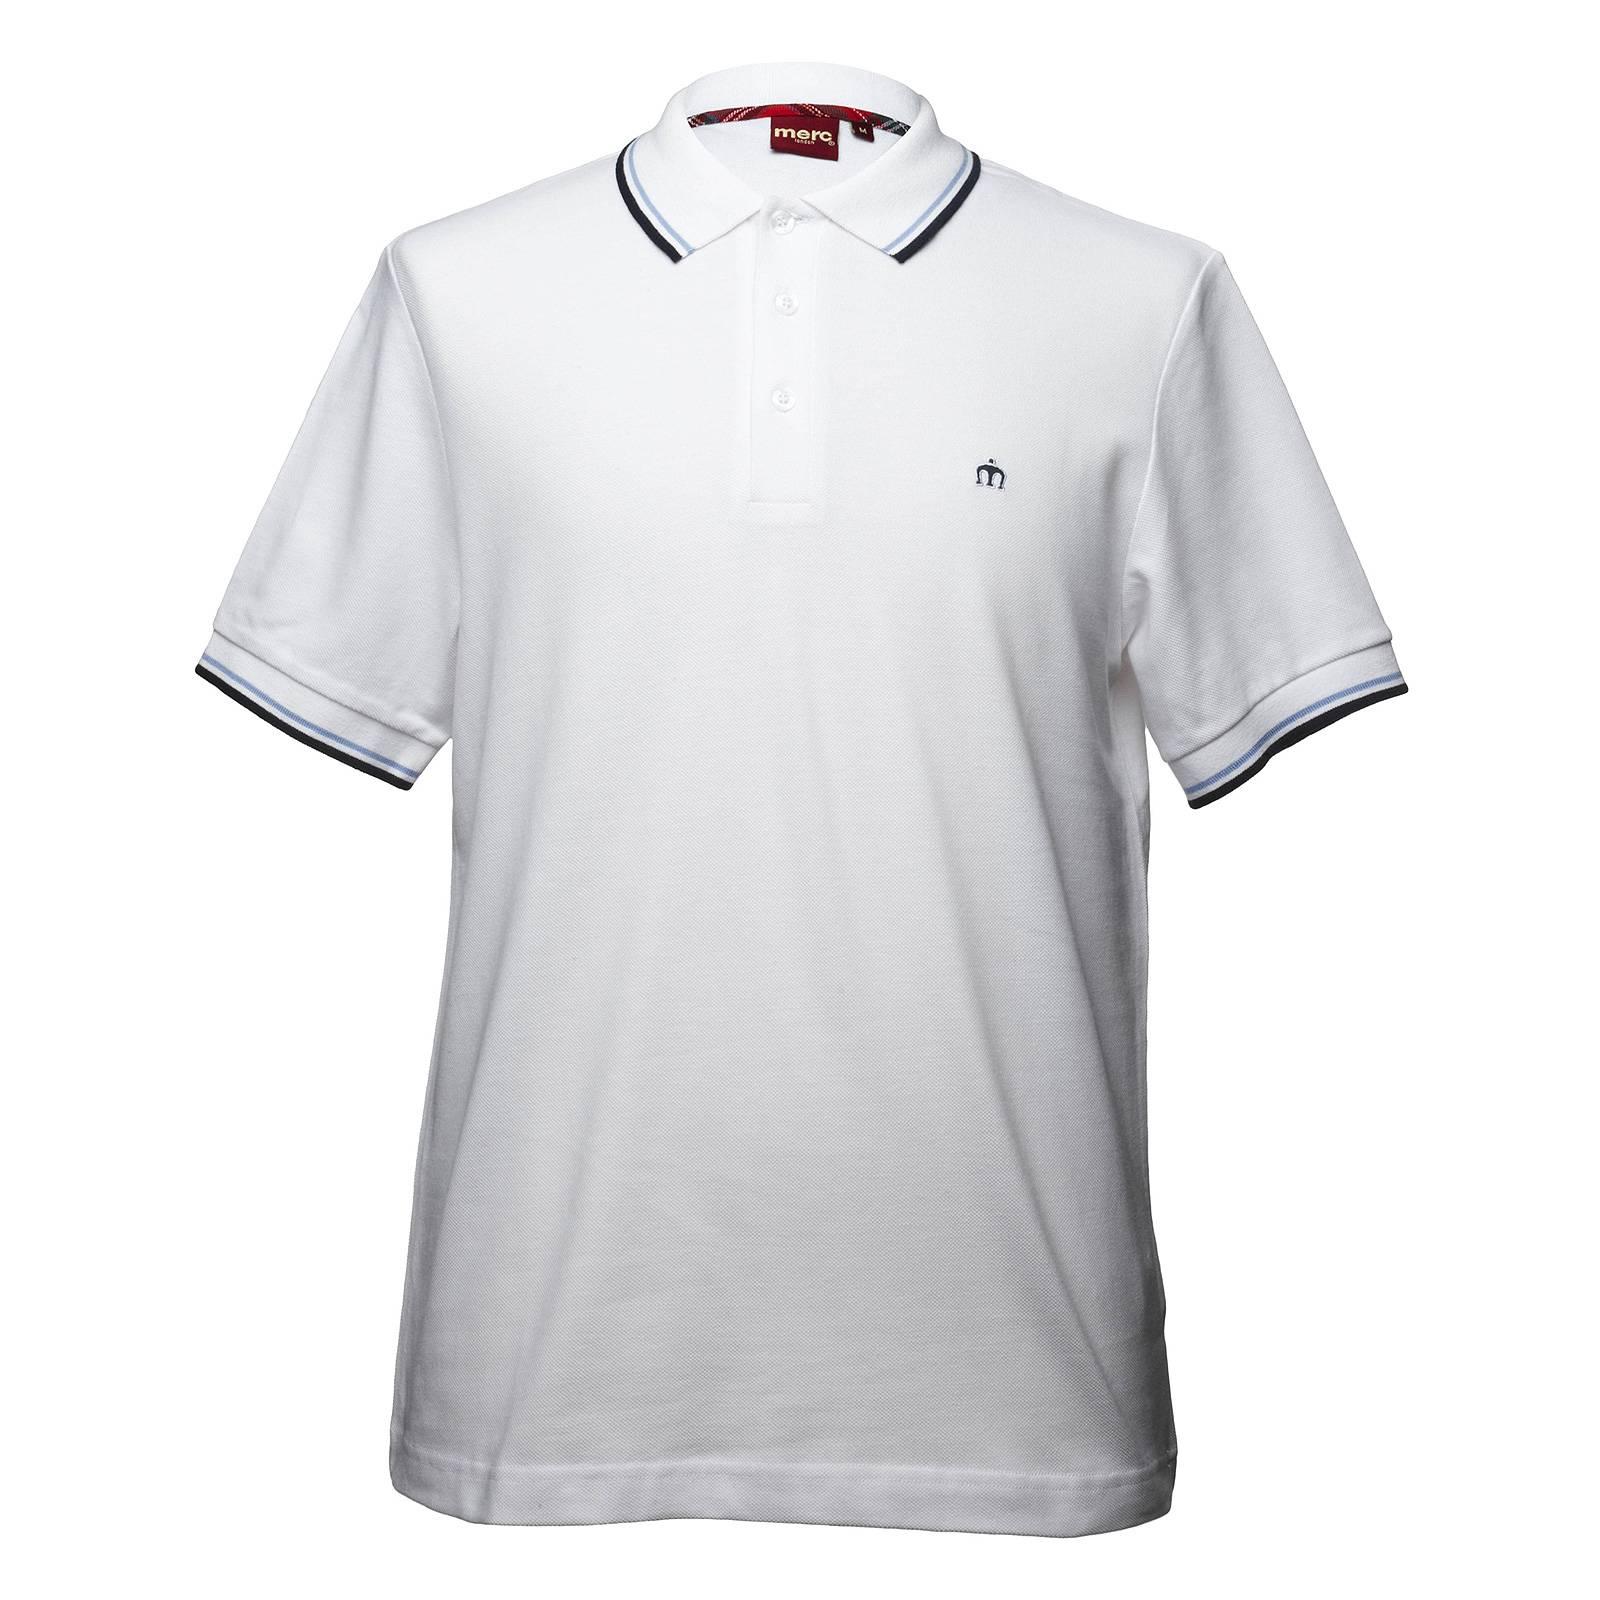 Рубашка Поло CardCORE<br>Эта легендарная, выпускаемая на протяжении десятилетий модель базовой линии &amp;amp;quot;Core&amp;amp;quot; производится из высококачественной хлопковой ткани &amp;amp;quot;пике&amp;amp;quot; - прочной и долговечной. Аккуратный логотип в виде короны привносит аристократизм, контрастные полосы на воротнике и манжетах подчеркивают силуэт, а широкая цветовая палитра поможет подобрать ключ к любому гардеробу - от различного фасона джинсов и брюк до строгой обуви или кроссовок. Нестареющая классика от Merc - традиции и современность.<br><br>Артикул: 1906203<br>Материал: 100% хлопок<br>Цвет: белый<br>Пол: Мужской